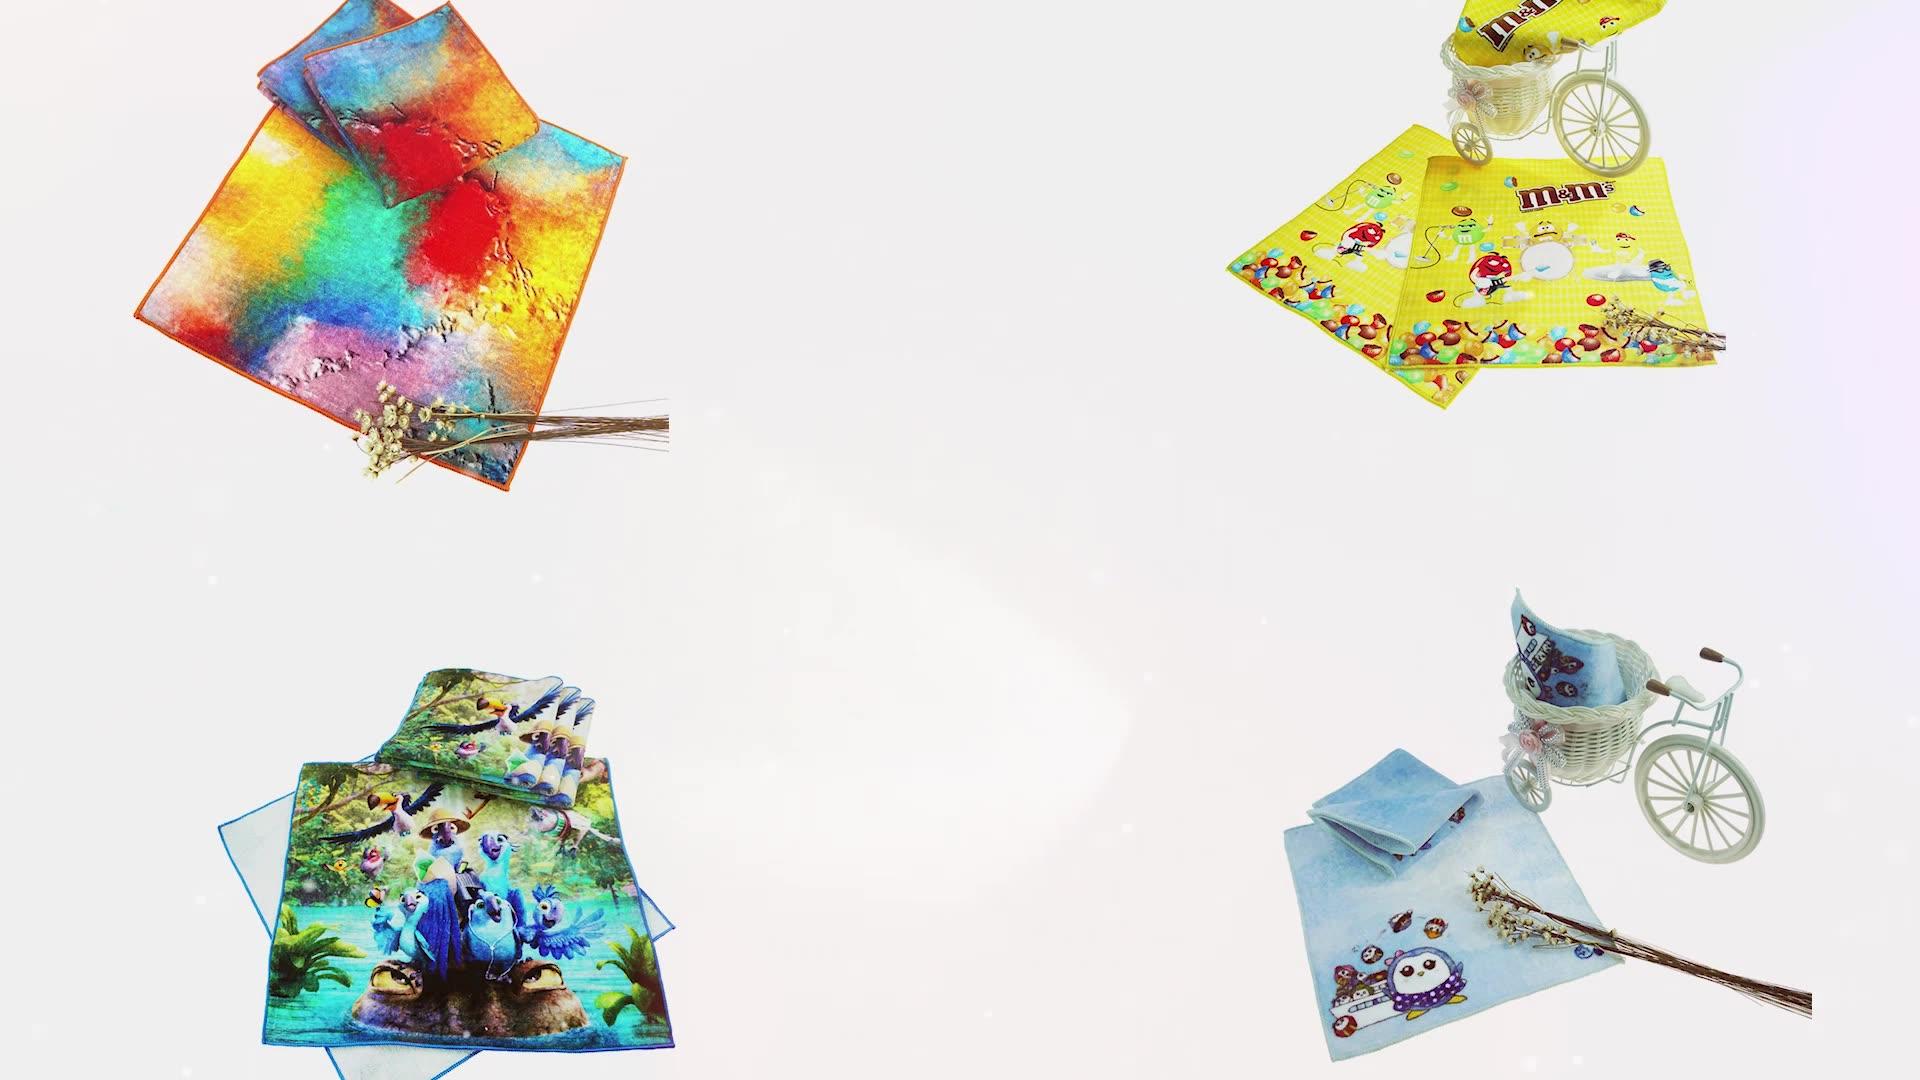 咖乐工厂定制数码印花棉布厨房盘子茶巾设计亚麻方巾